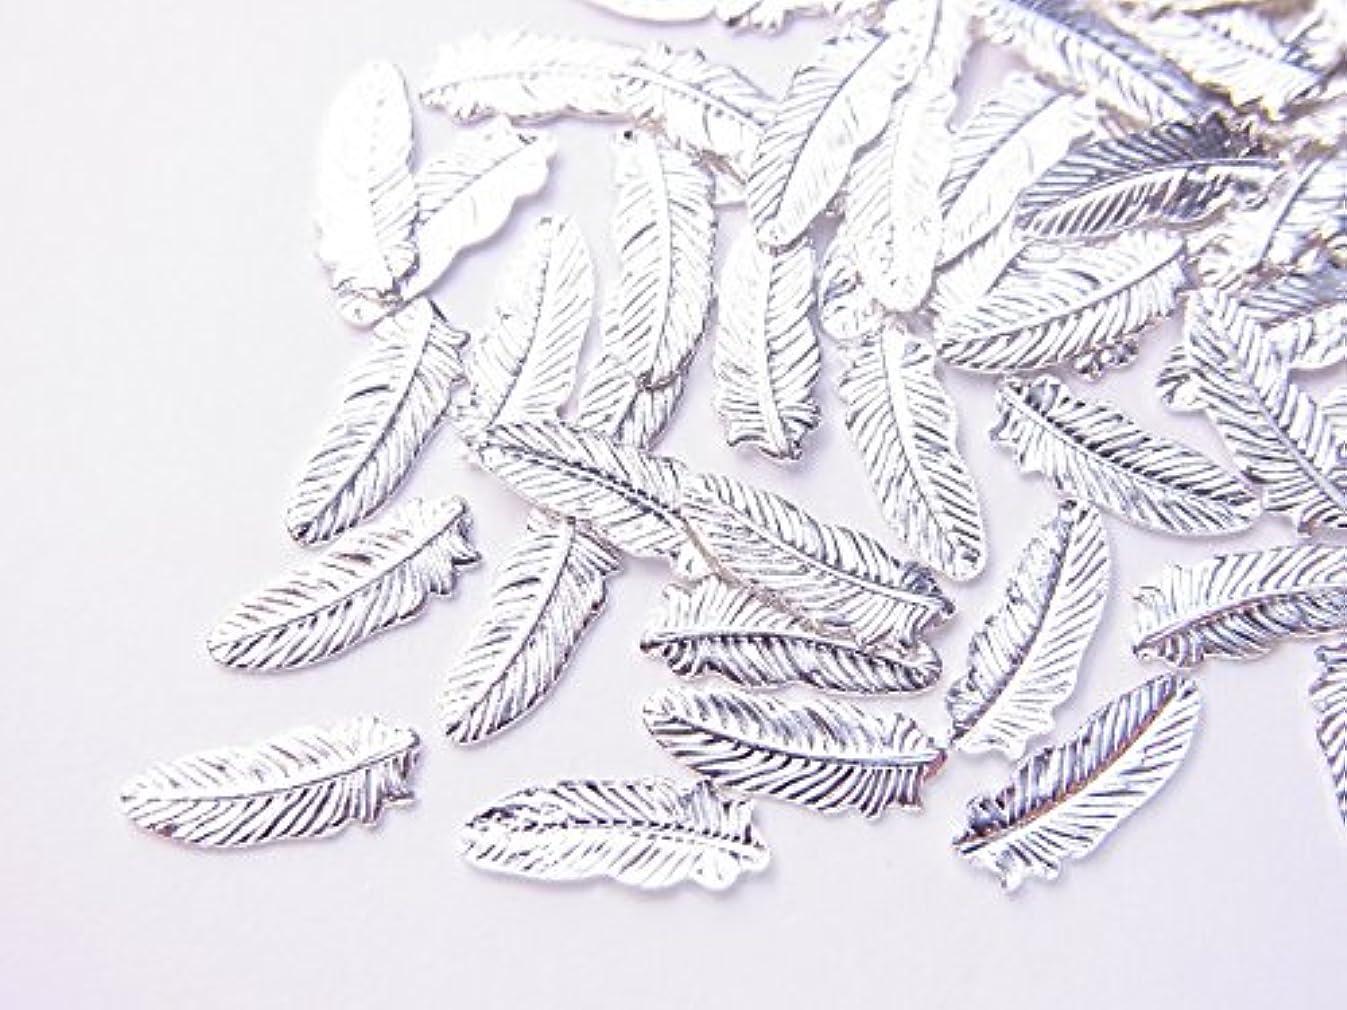 机アートミット【jewel】薄型ネイルパーツ フェザー大 約8.2mm×3mm 10個入り シルバー 手芸 素材 アートパーツ デコ素材